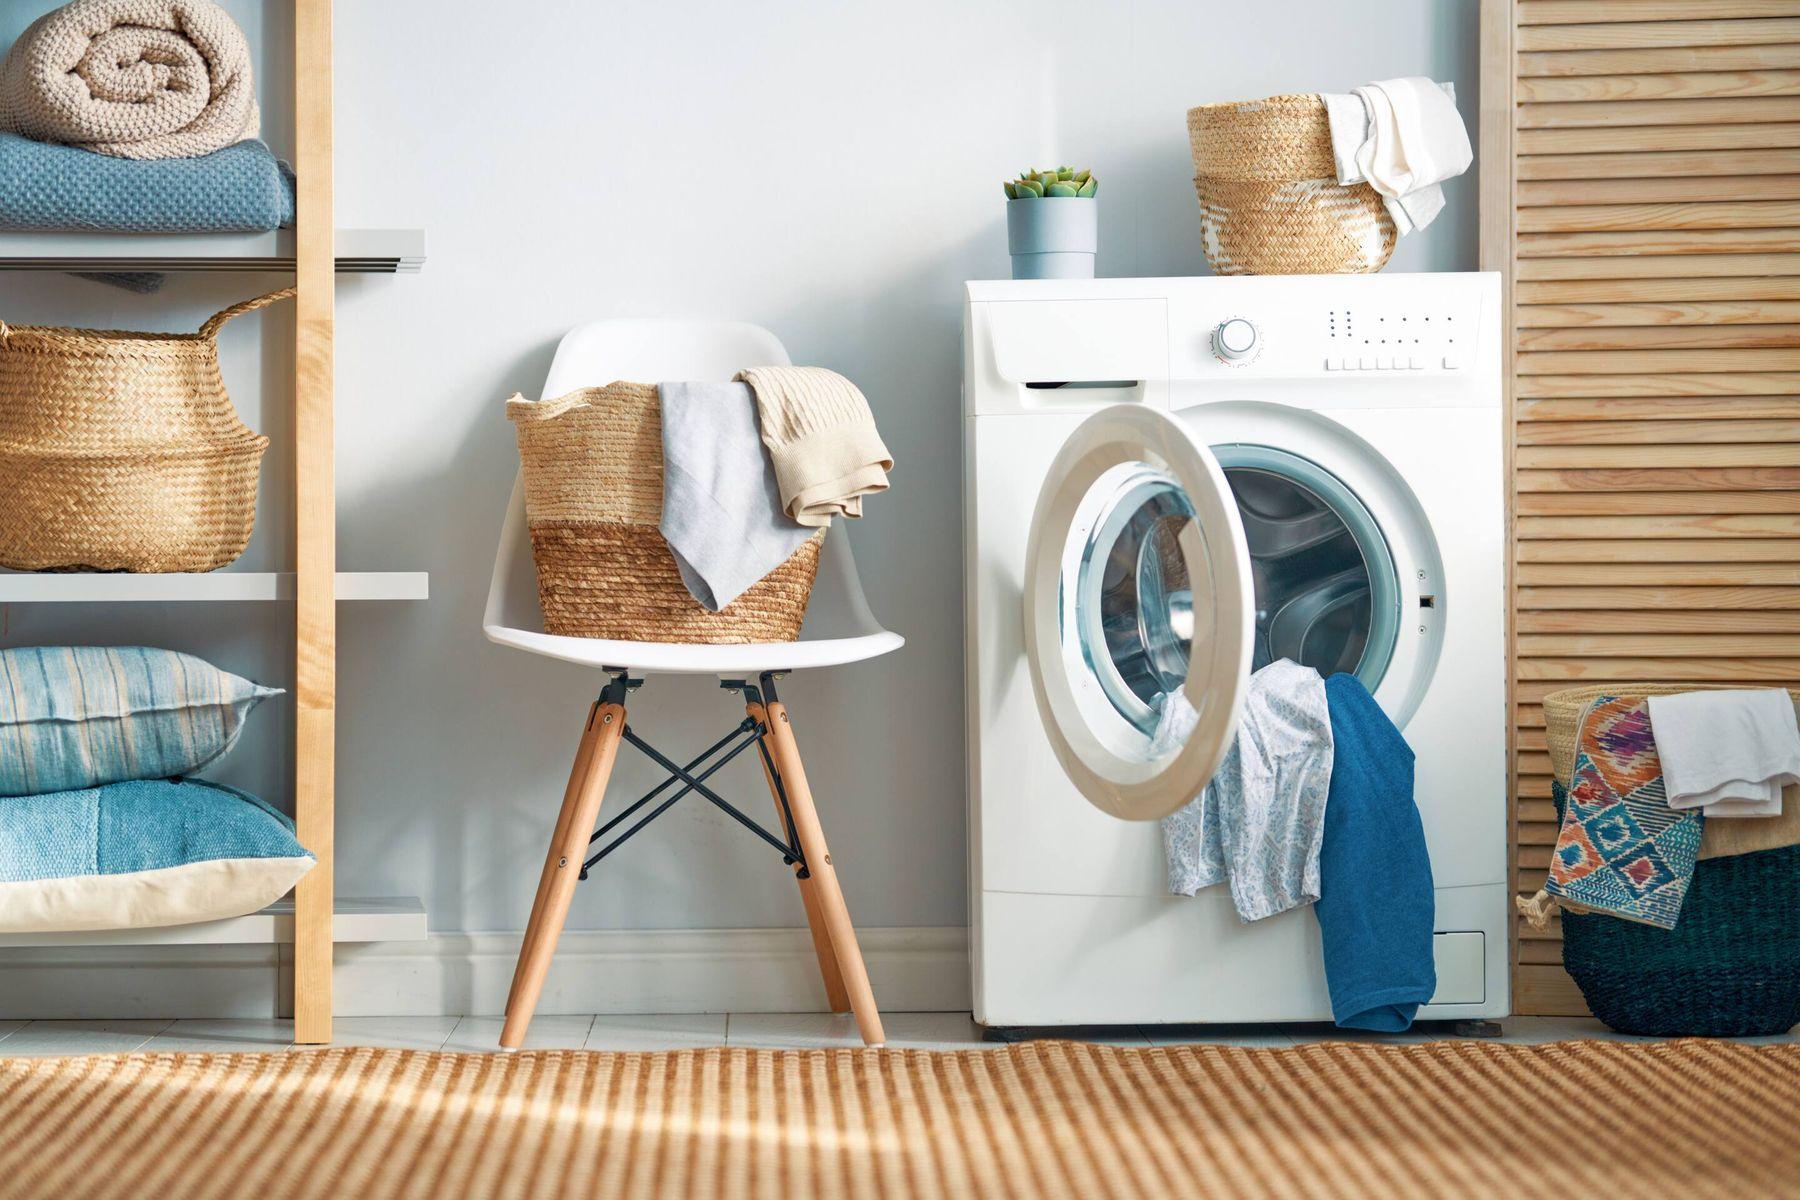 Çamaşır Makinesi Temizliğinde Sirke Kullanmanın Faydaları